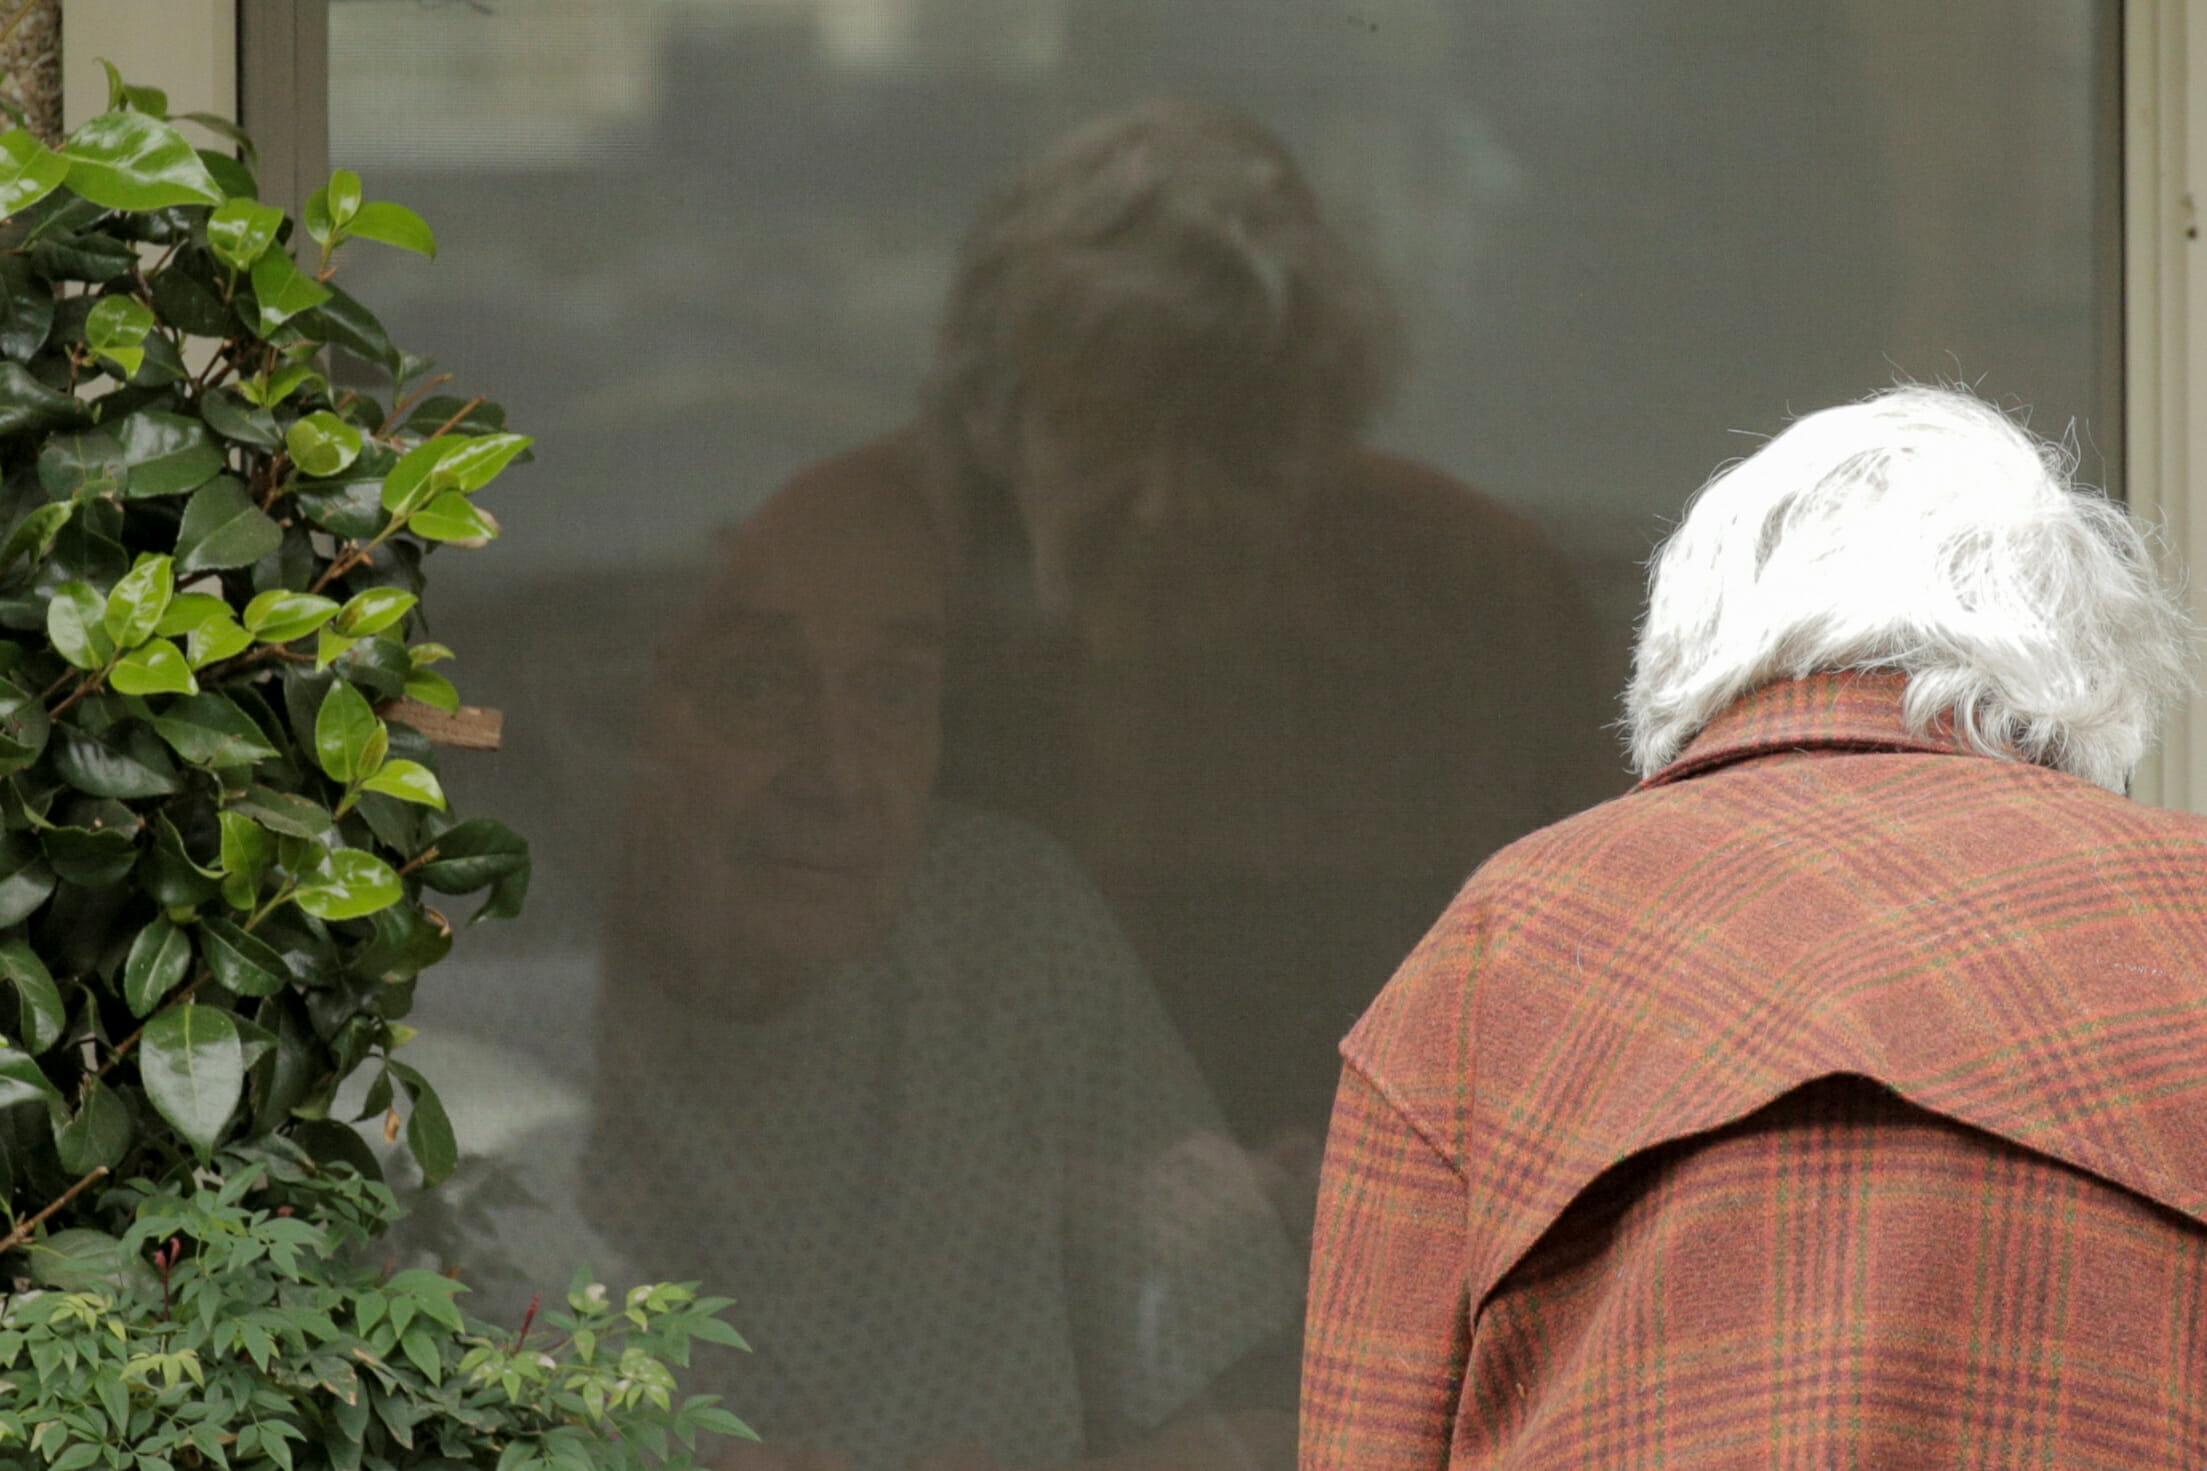 Ο κορονοϊός τους χώρισε μετά από 60 χρόνια! Συγκλονιστικές εικόνες από οίκο ευγηρίας στις ΗΠΑ